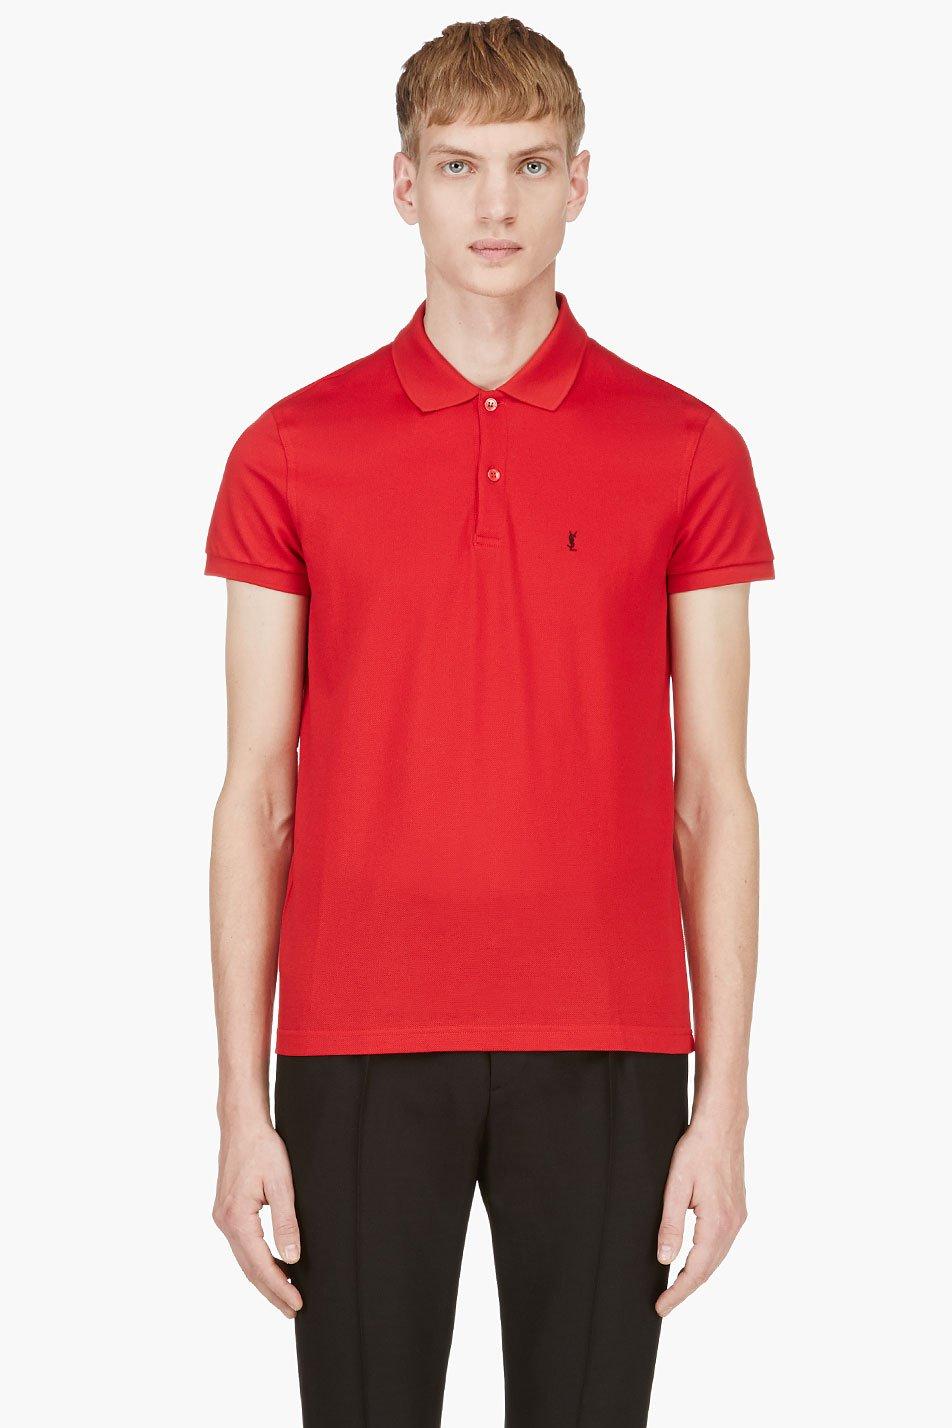 saint laurent red cotton piquandeacute monogrammed polo